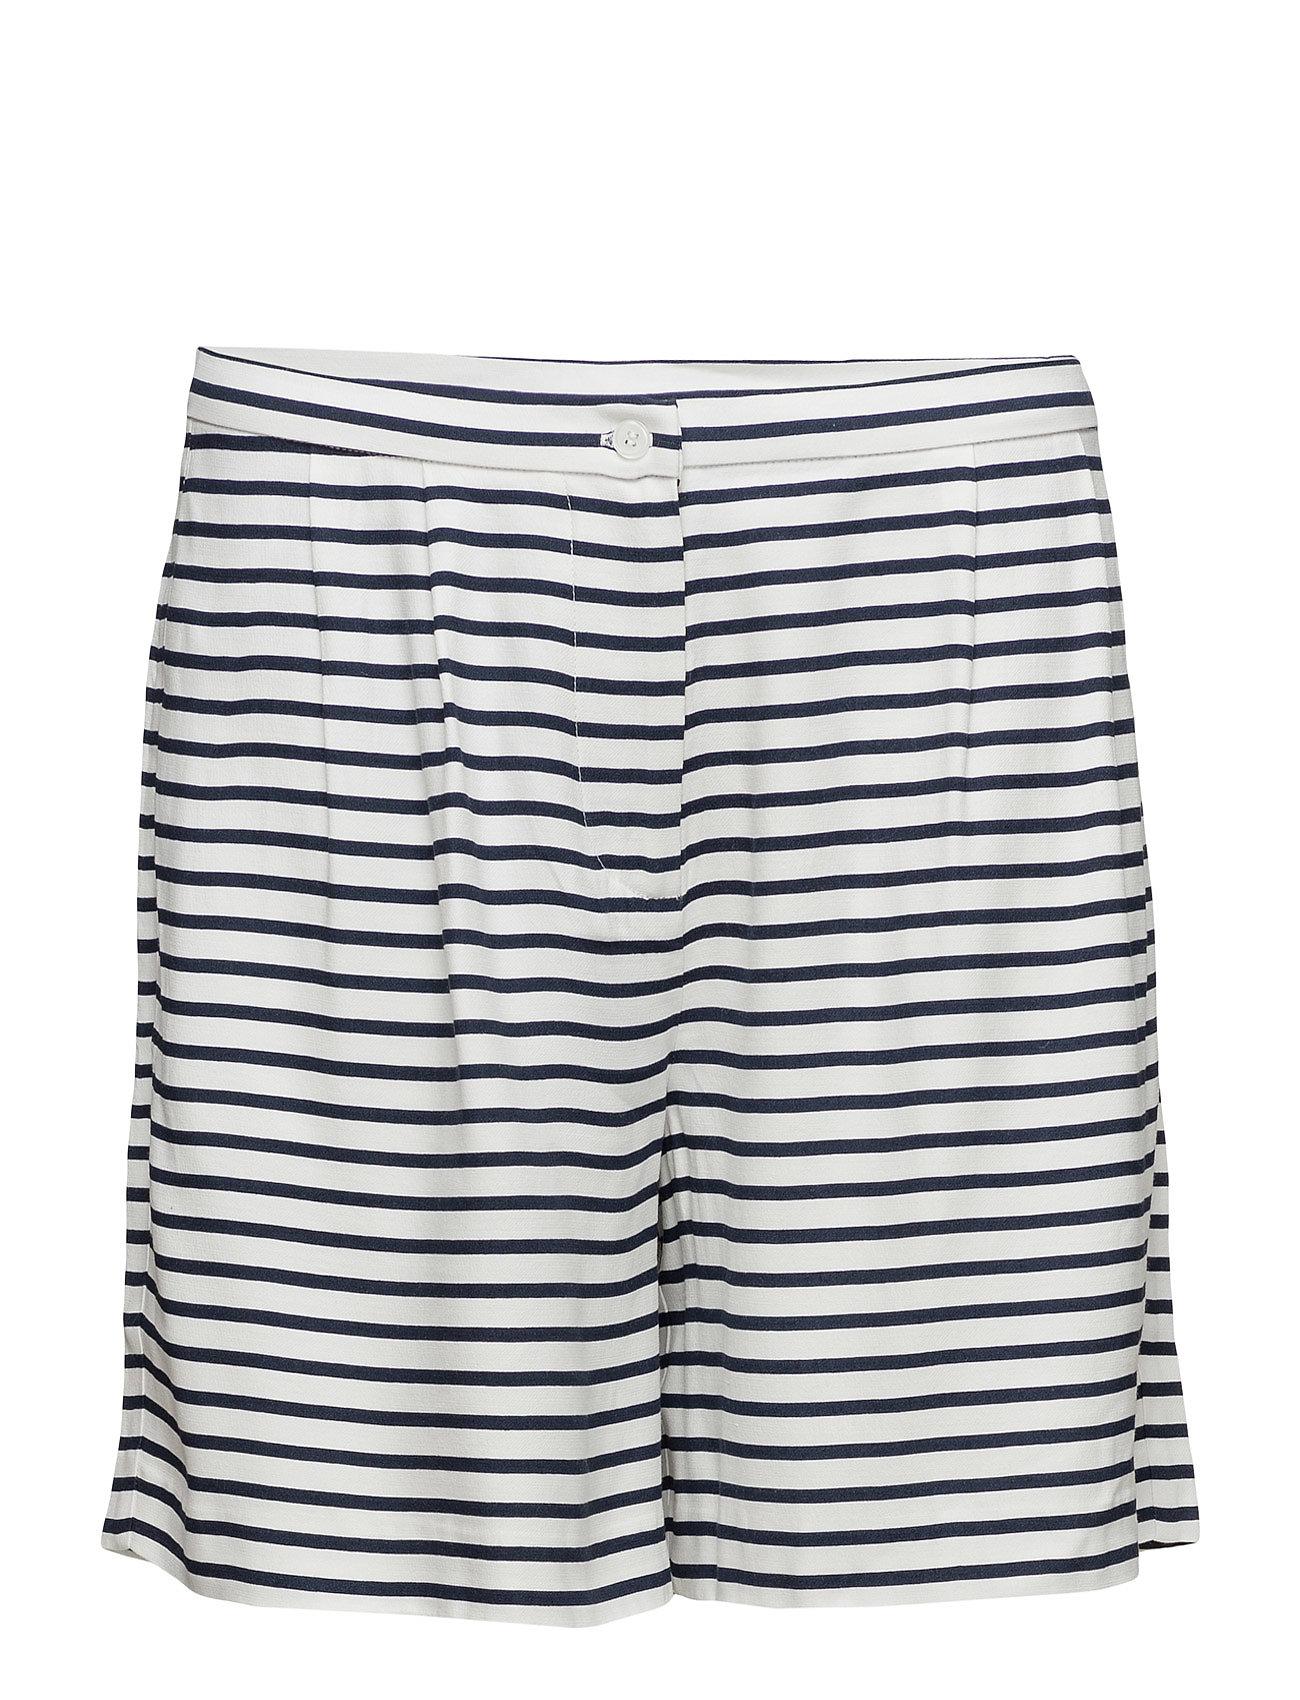 Samsøe & Samsøe Livia shorts aop 7944